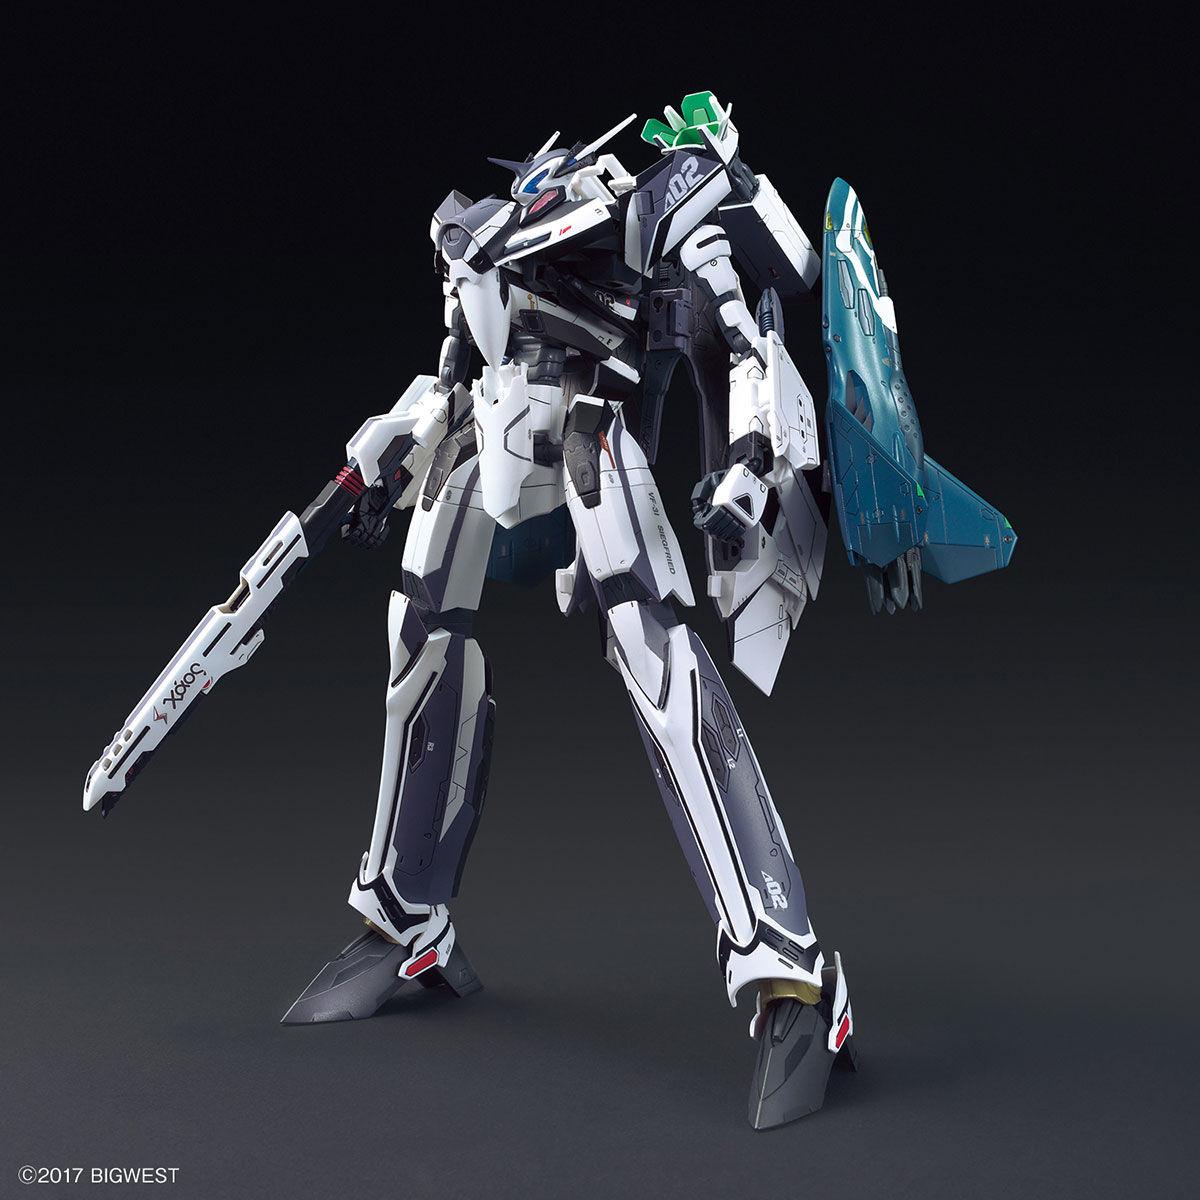 プラモデル・模型, ロボット  172 VF-31F ()